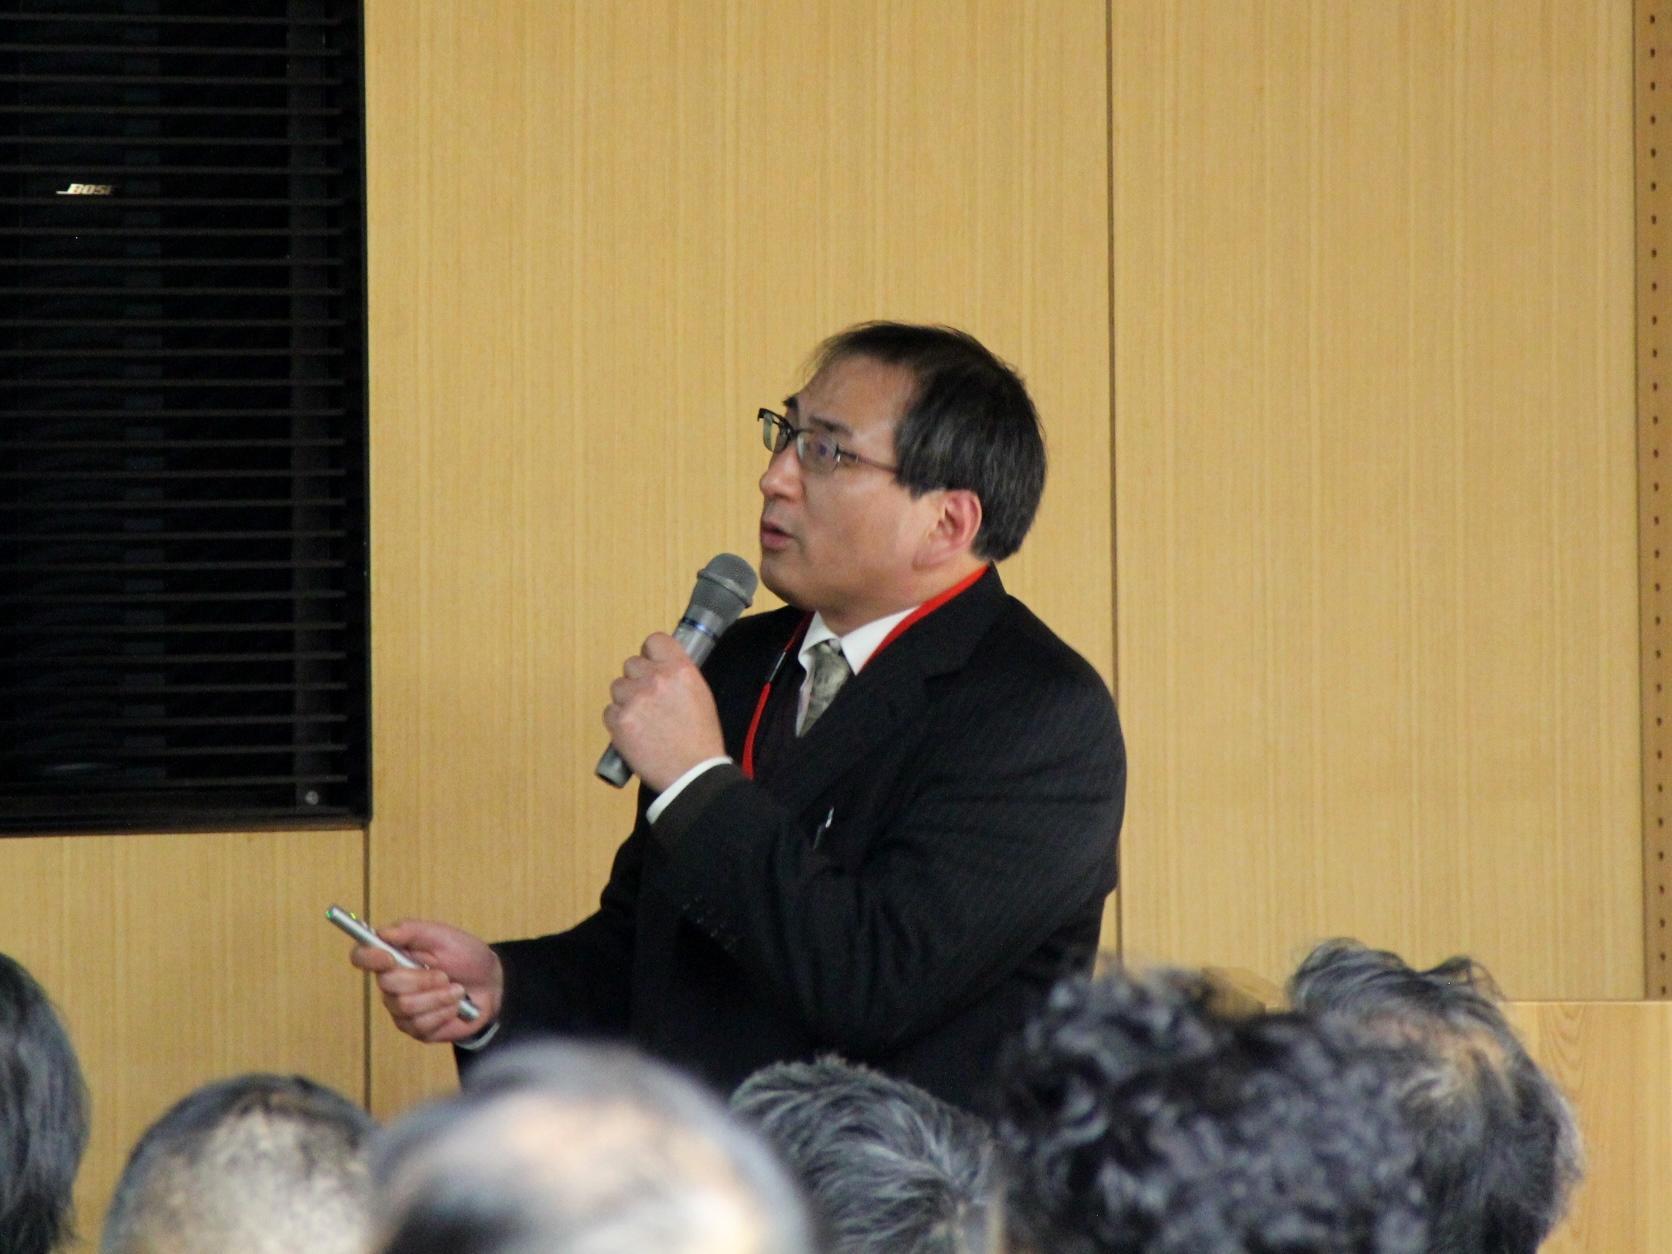 大井准教授の講演風景